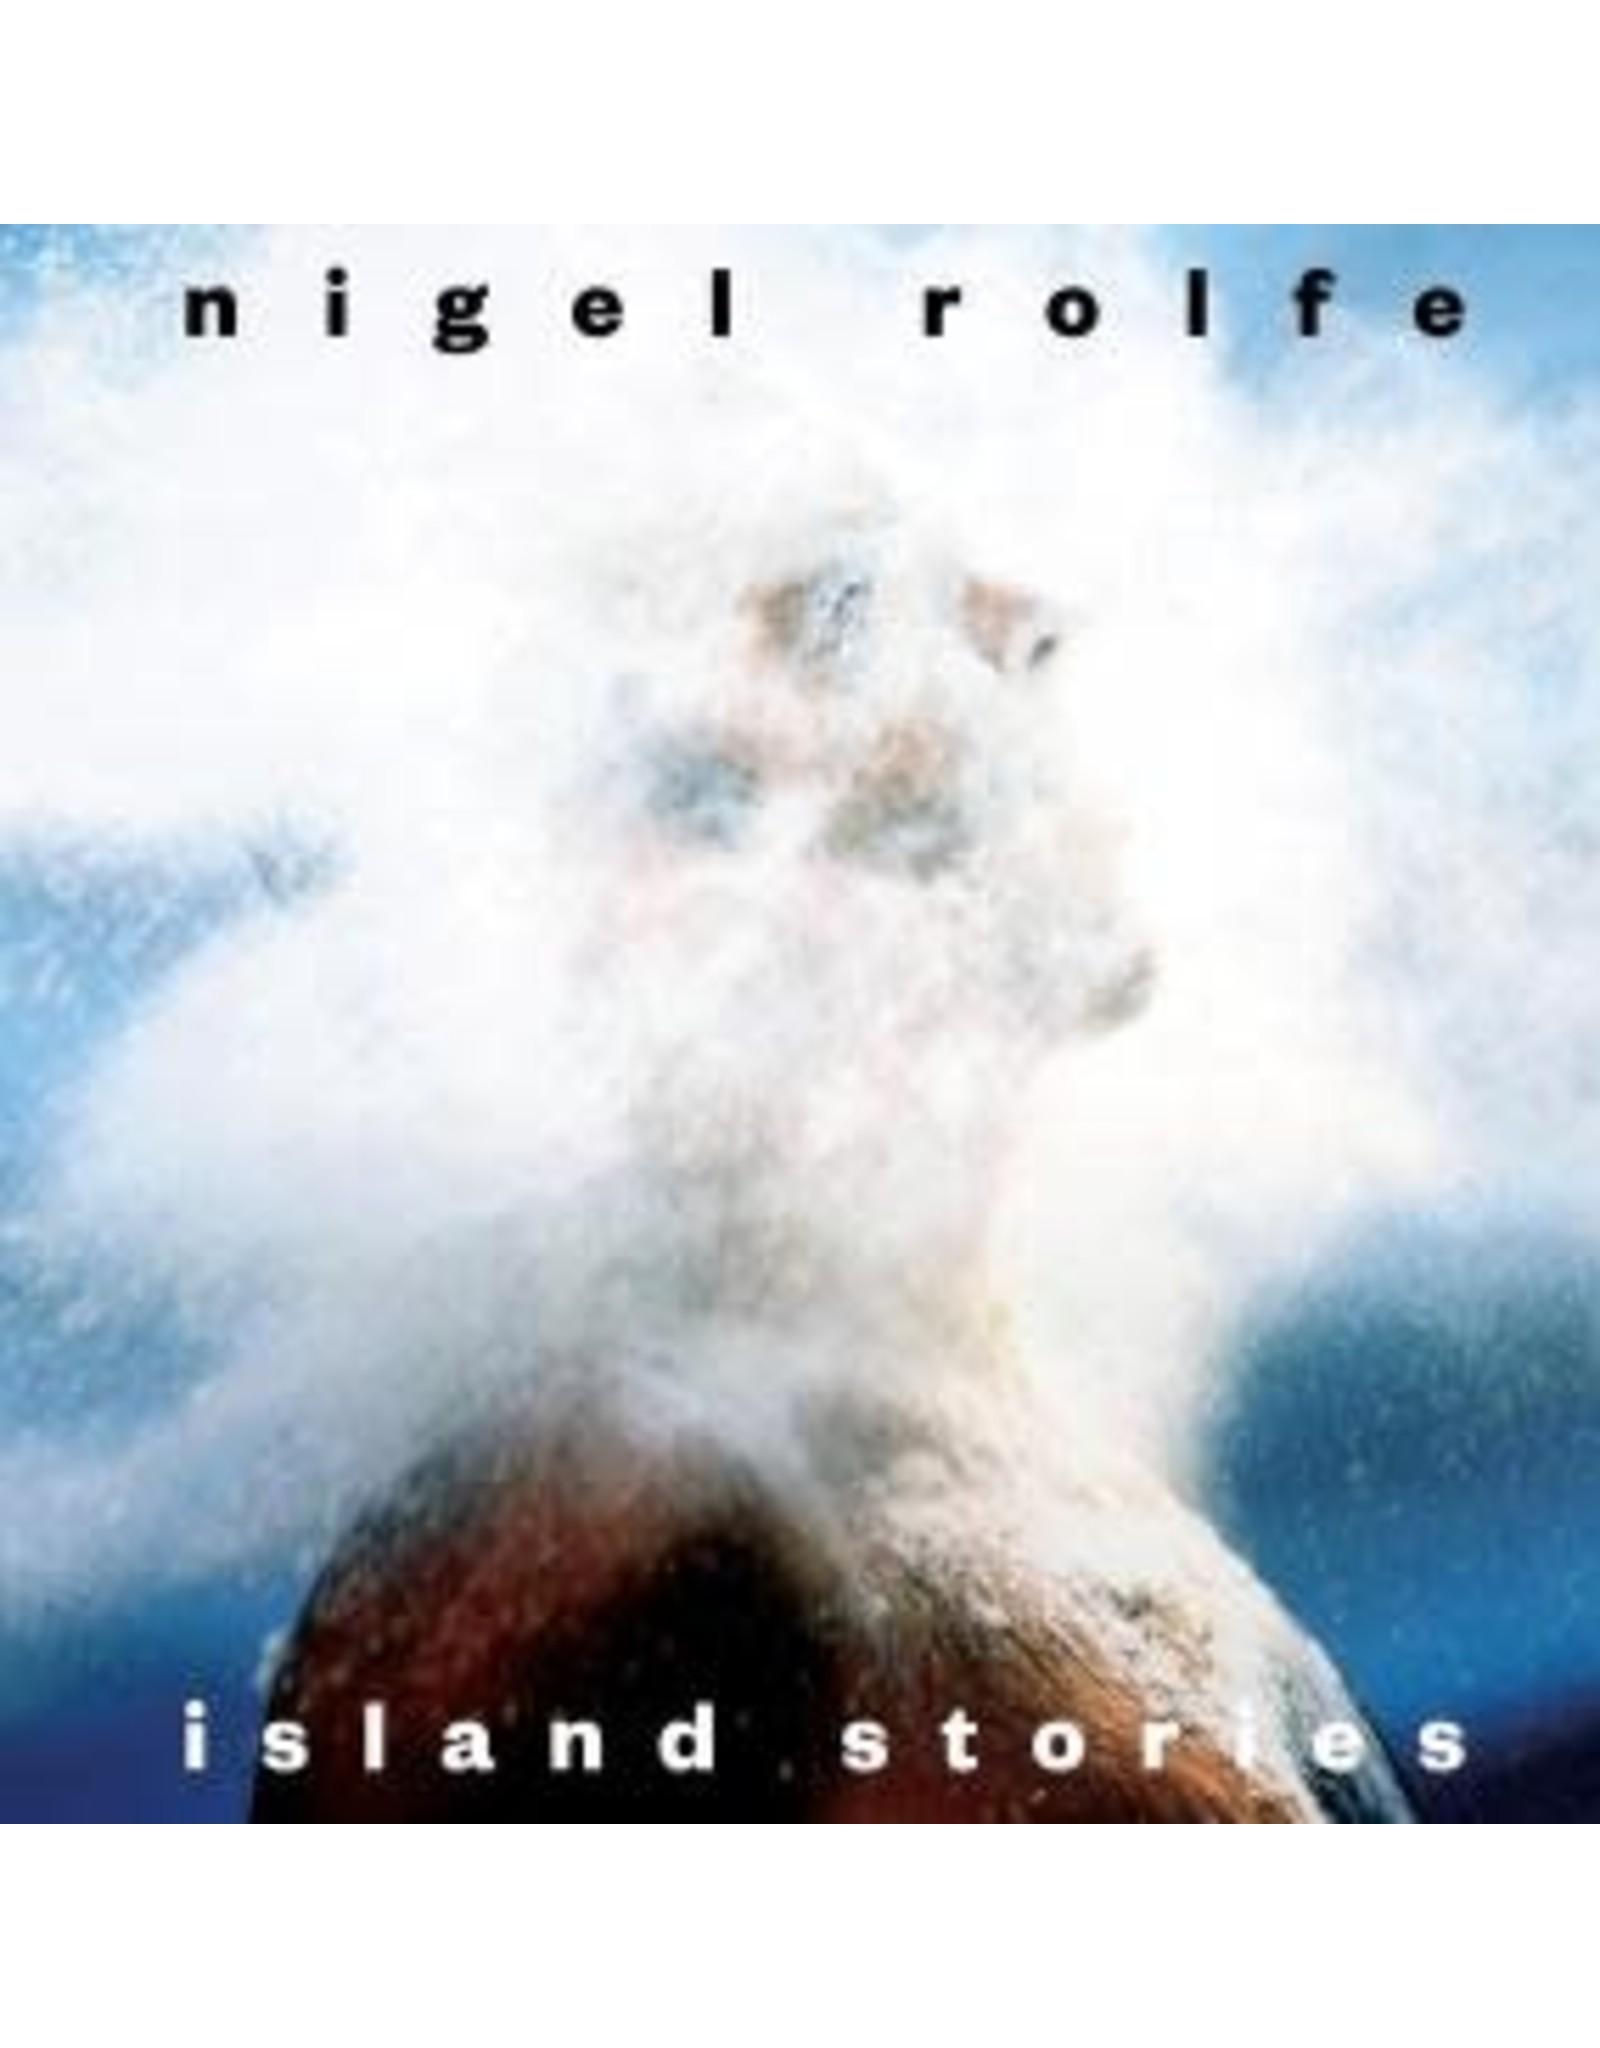 Allchival Rolfe, Nigel: Island Stories LP